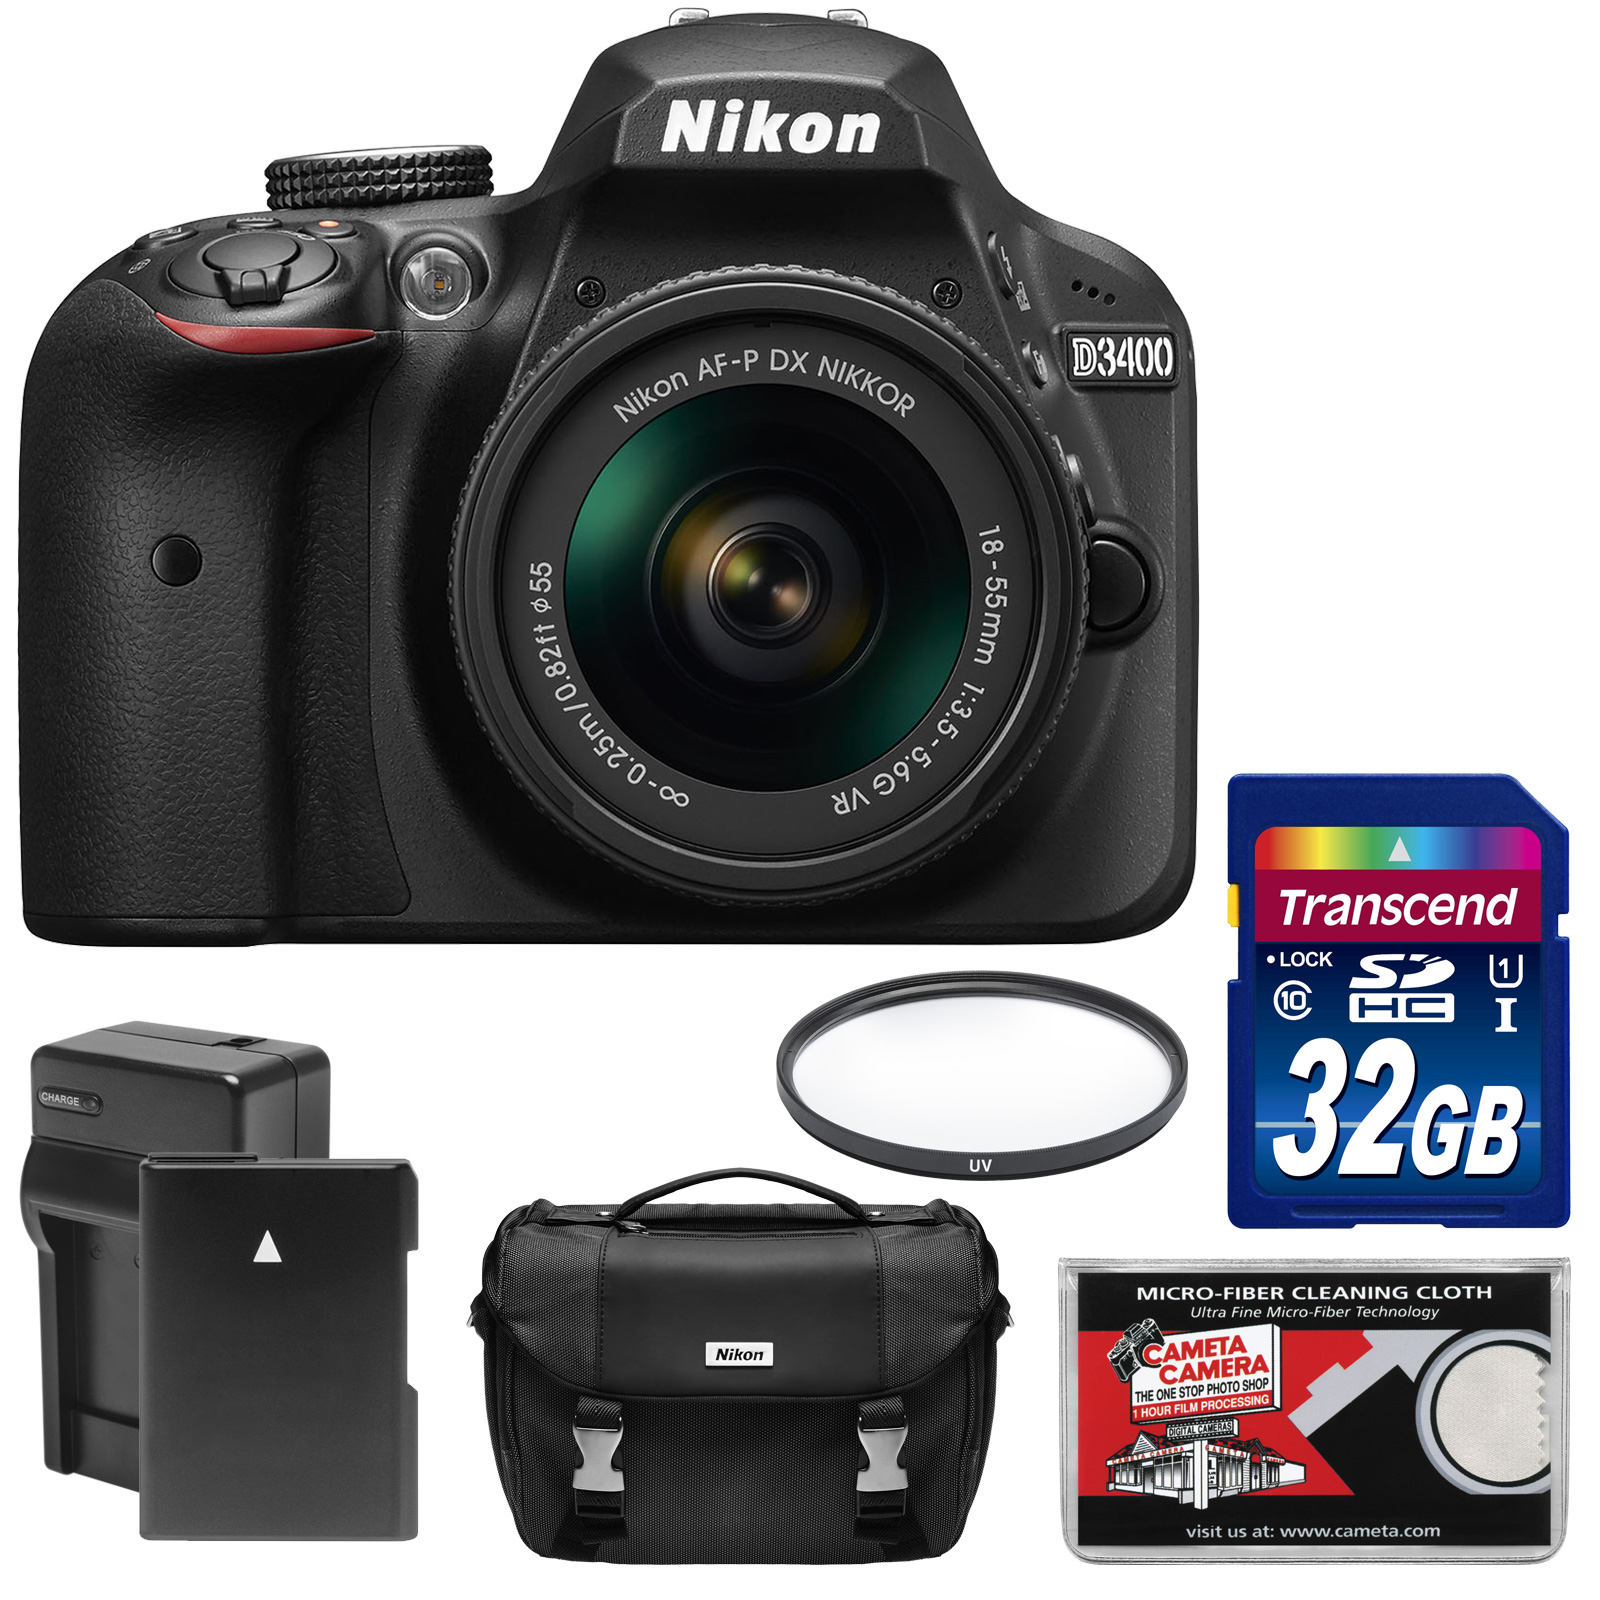 Nikon D3400 Digital SLR Camera & 18-55mm VR DX AF-P Zoom Lens (Black) - Refurbished with 32GB Card + Battery & Charger + Case + Kit